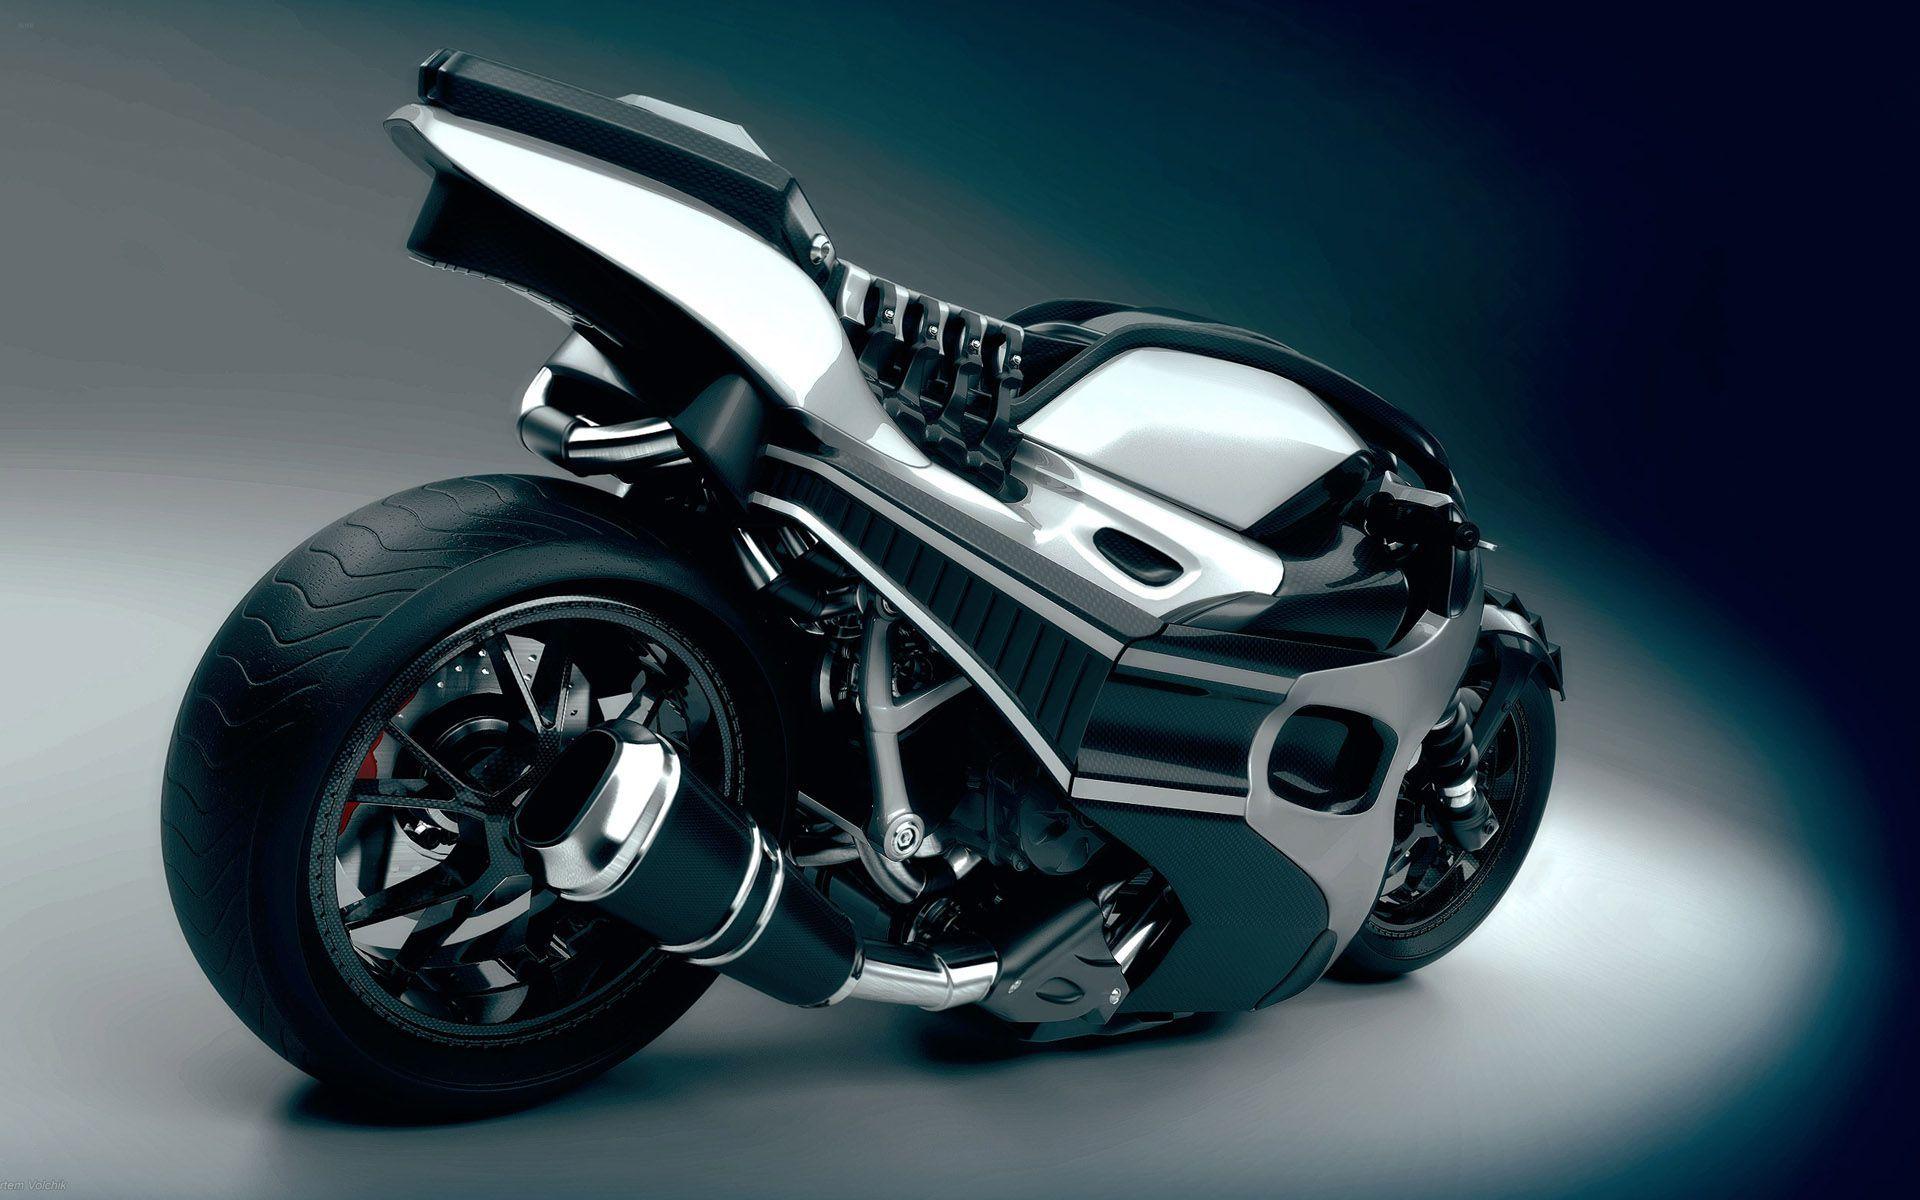 Cool Bikes Wallpapers Desain sepeda motor, Sepeda motor